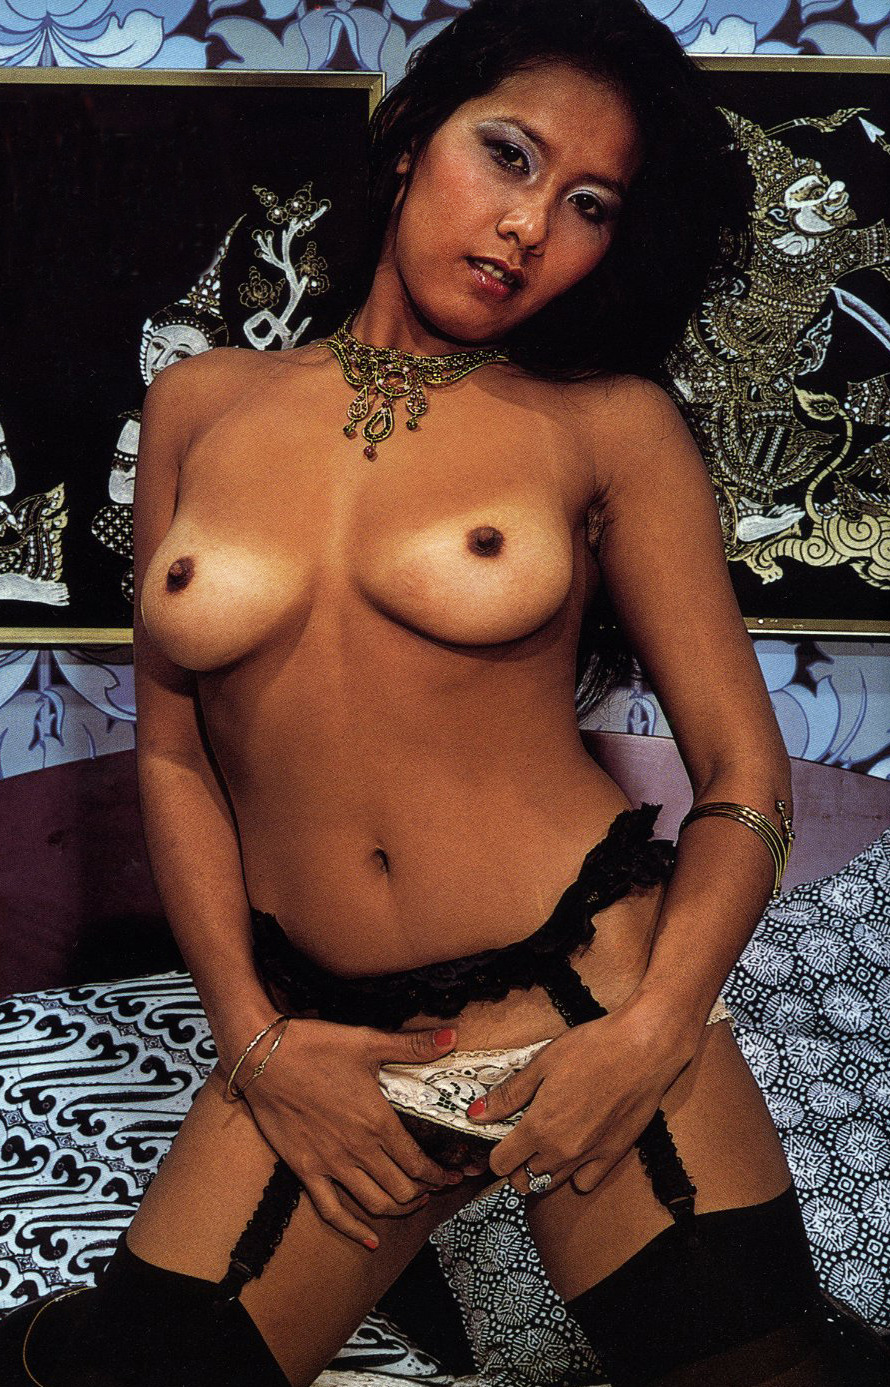 linda wong porno